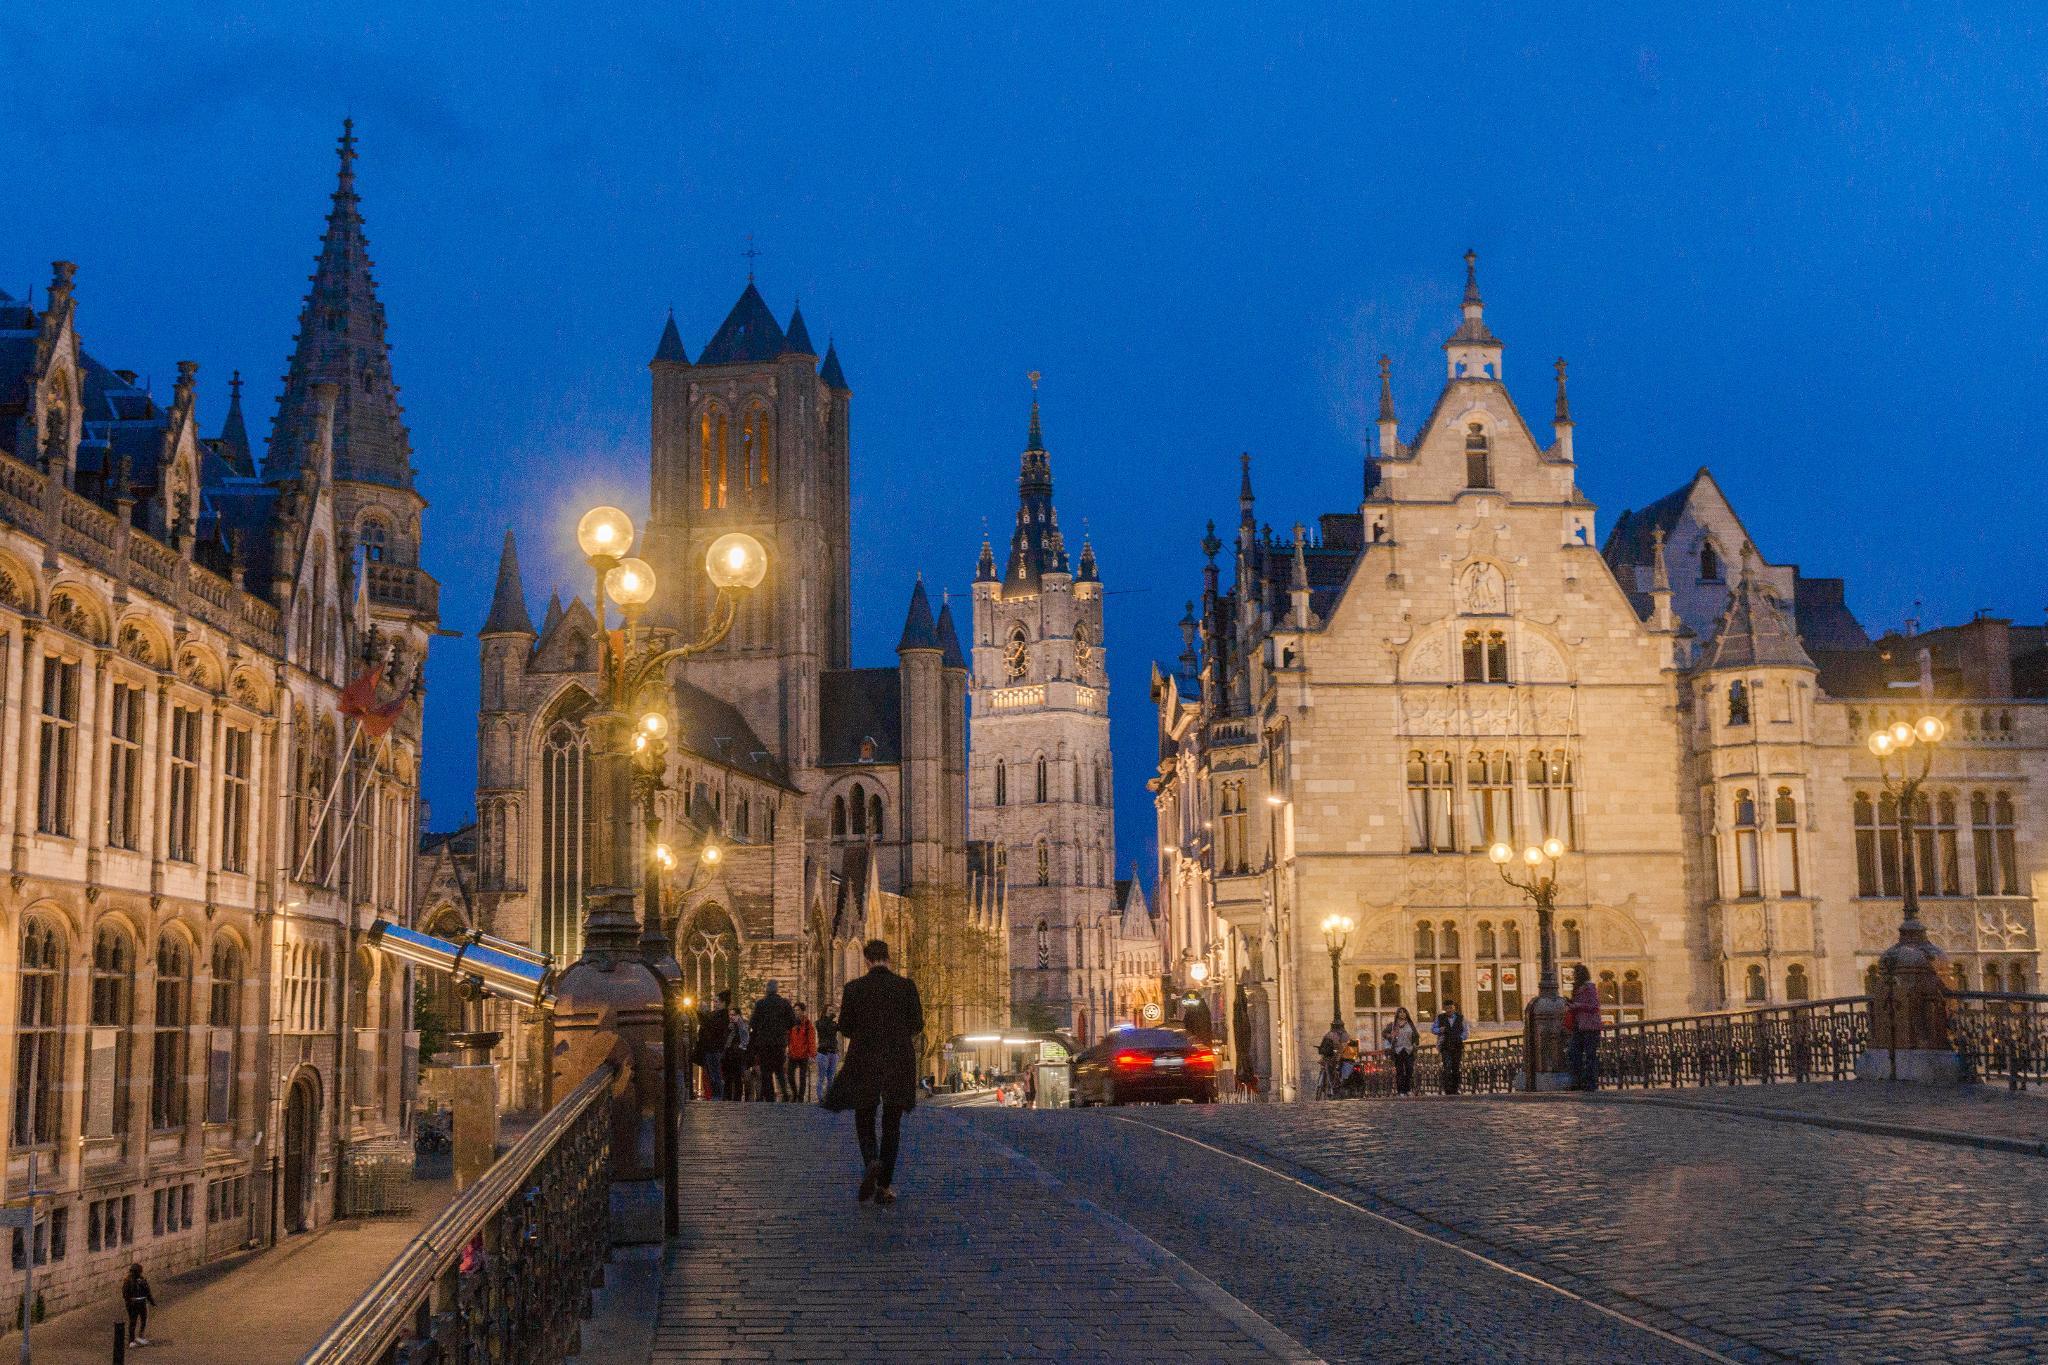 【比利時】穿梭中世紀的大城小事 — 比利時根特 (Ghent) 散步景點總整理 83